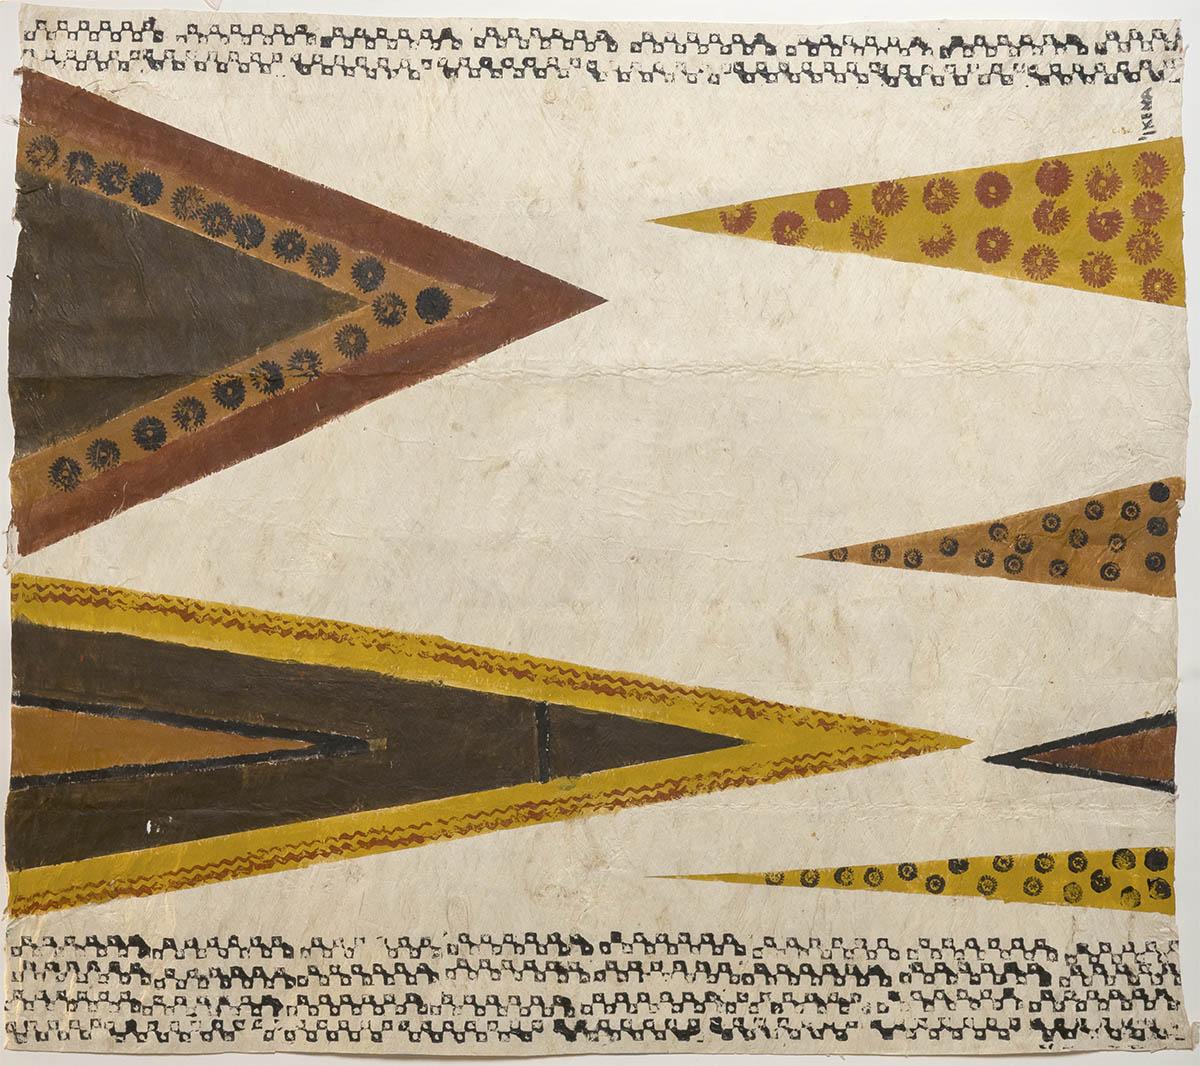 Kahuapaʻa (The Foundations)